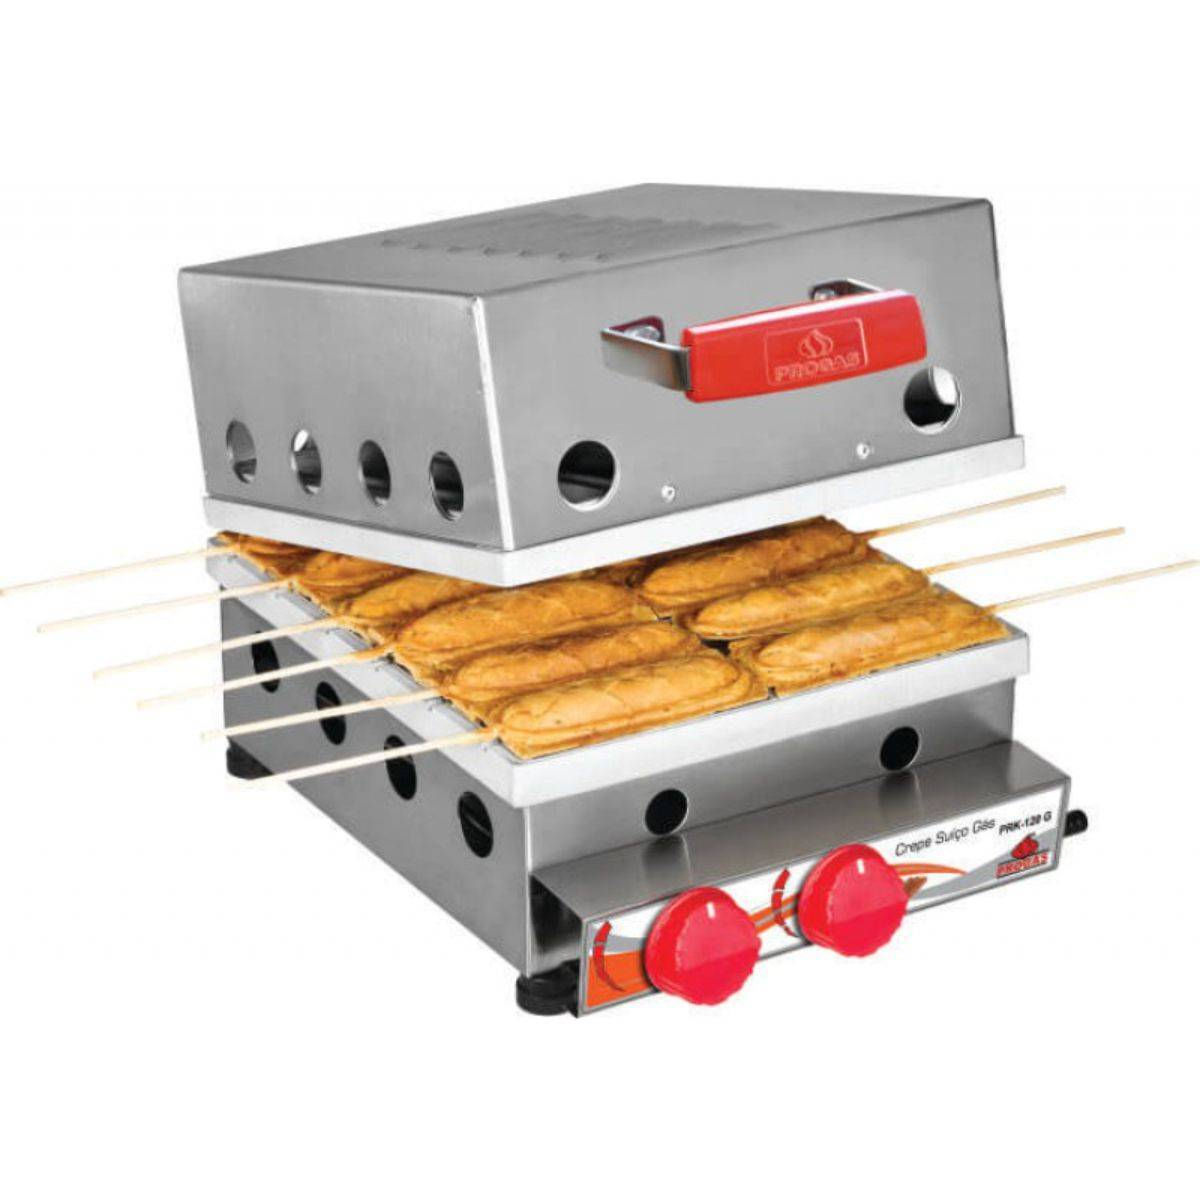 Máquina de Crepe Suíço à Gás 12 cavidades PRK-120 G Progás - Magazine do Chef